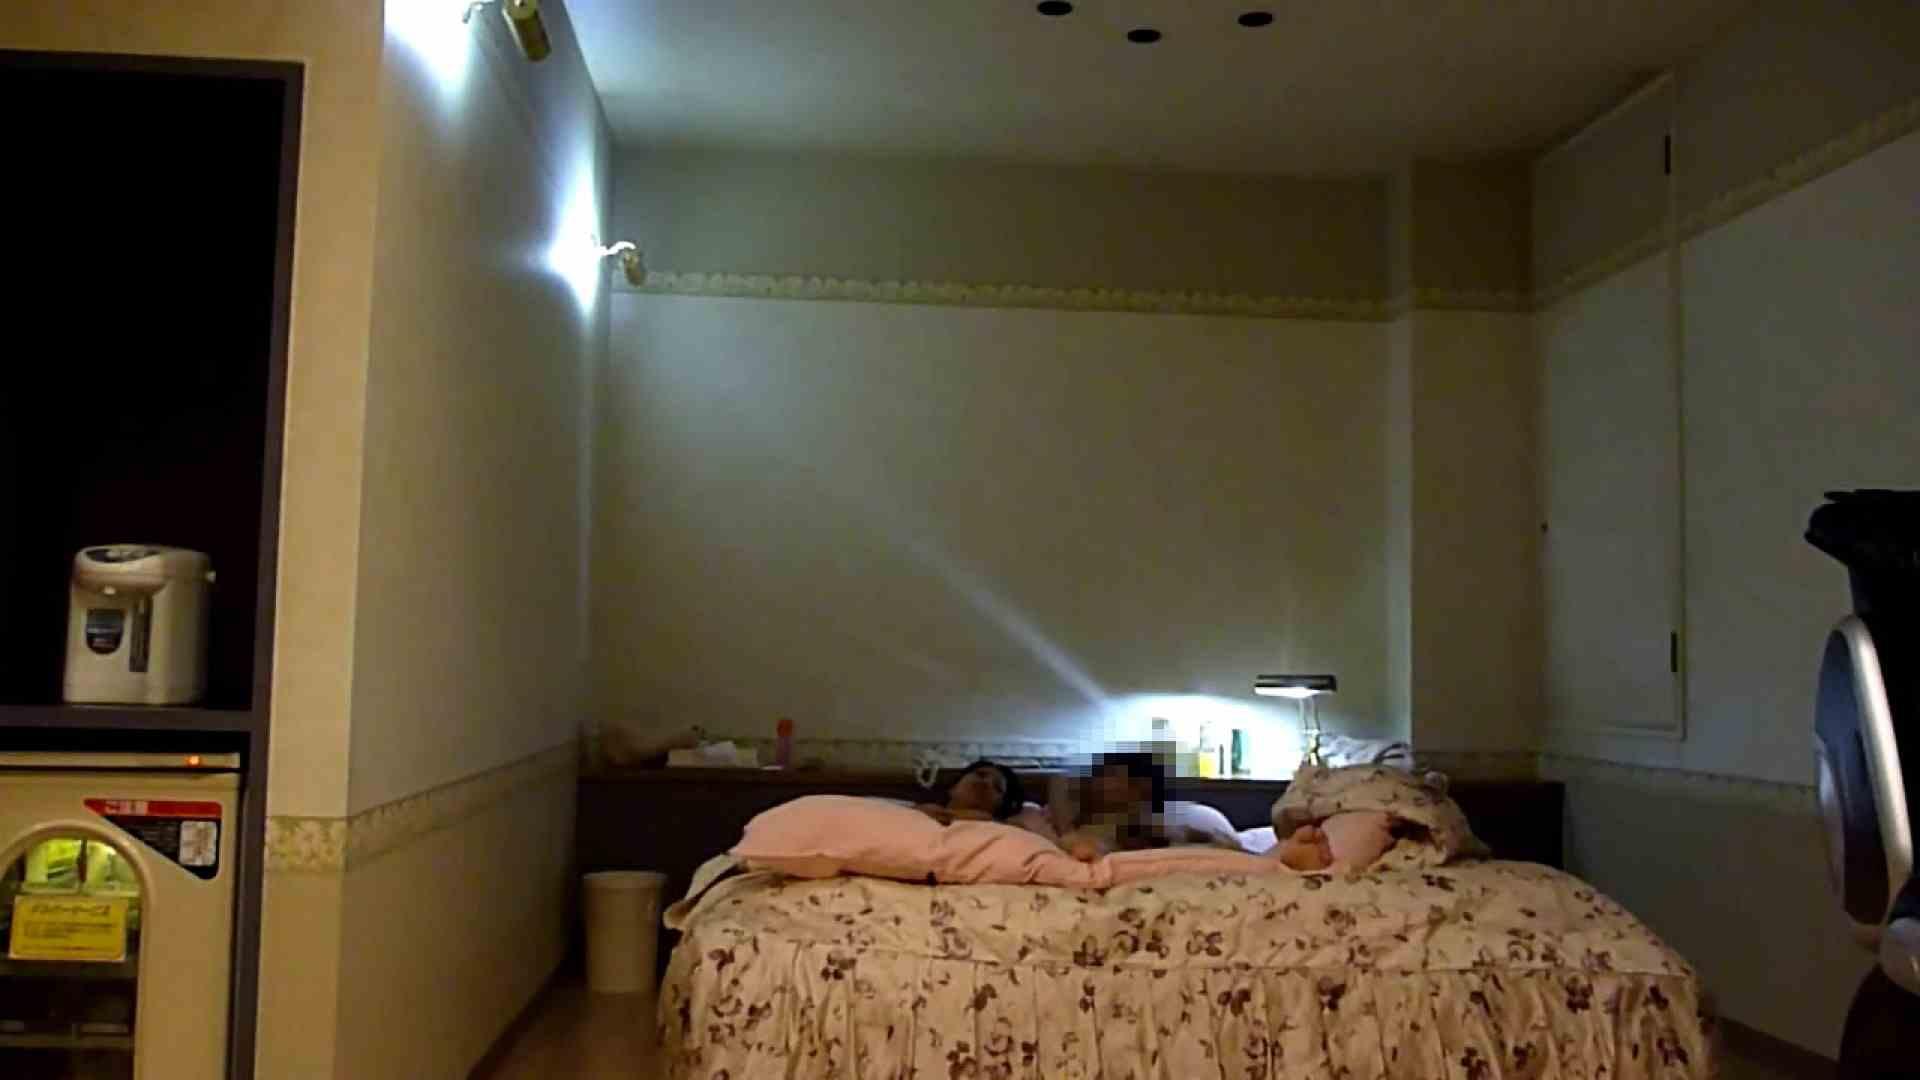 【完全素人投稿】誰にしようか!?やりチン健太の本日もデリ嬢いただきま~す!!12 投稿 | 隠撮  84画像 13